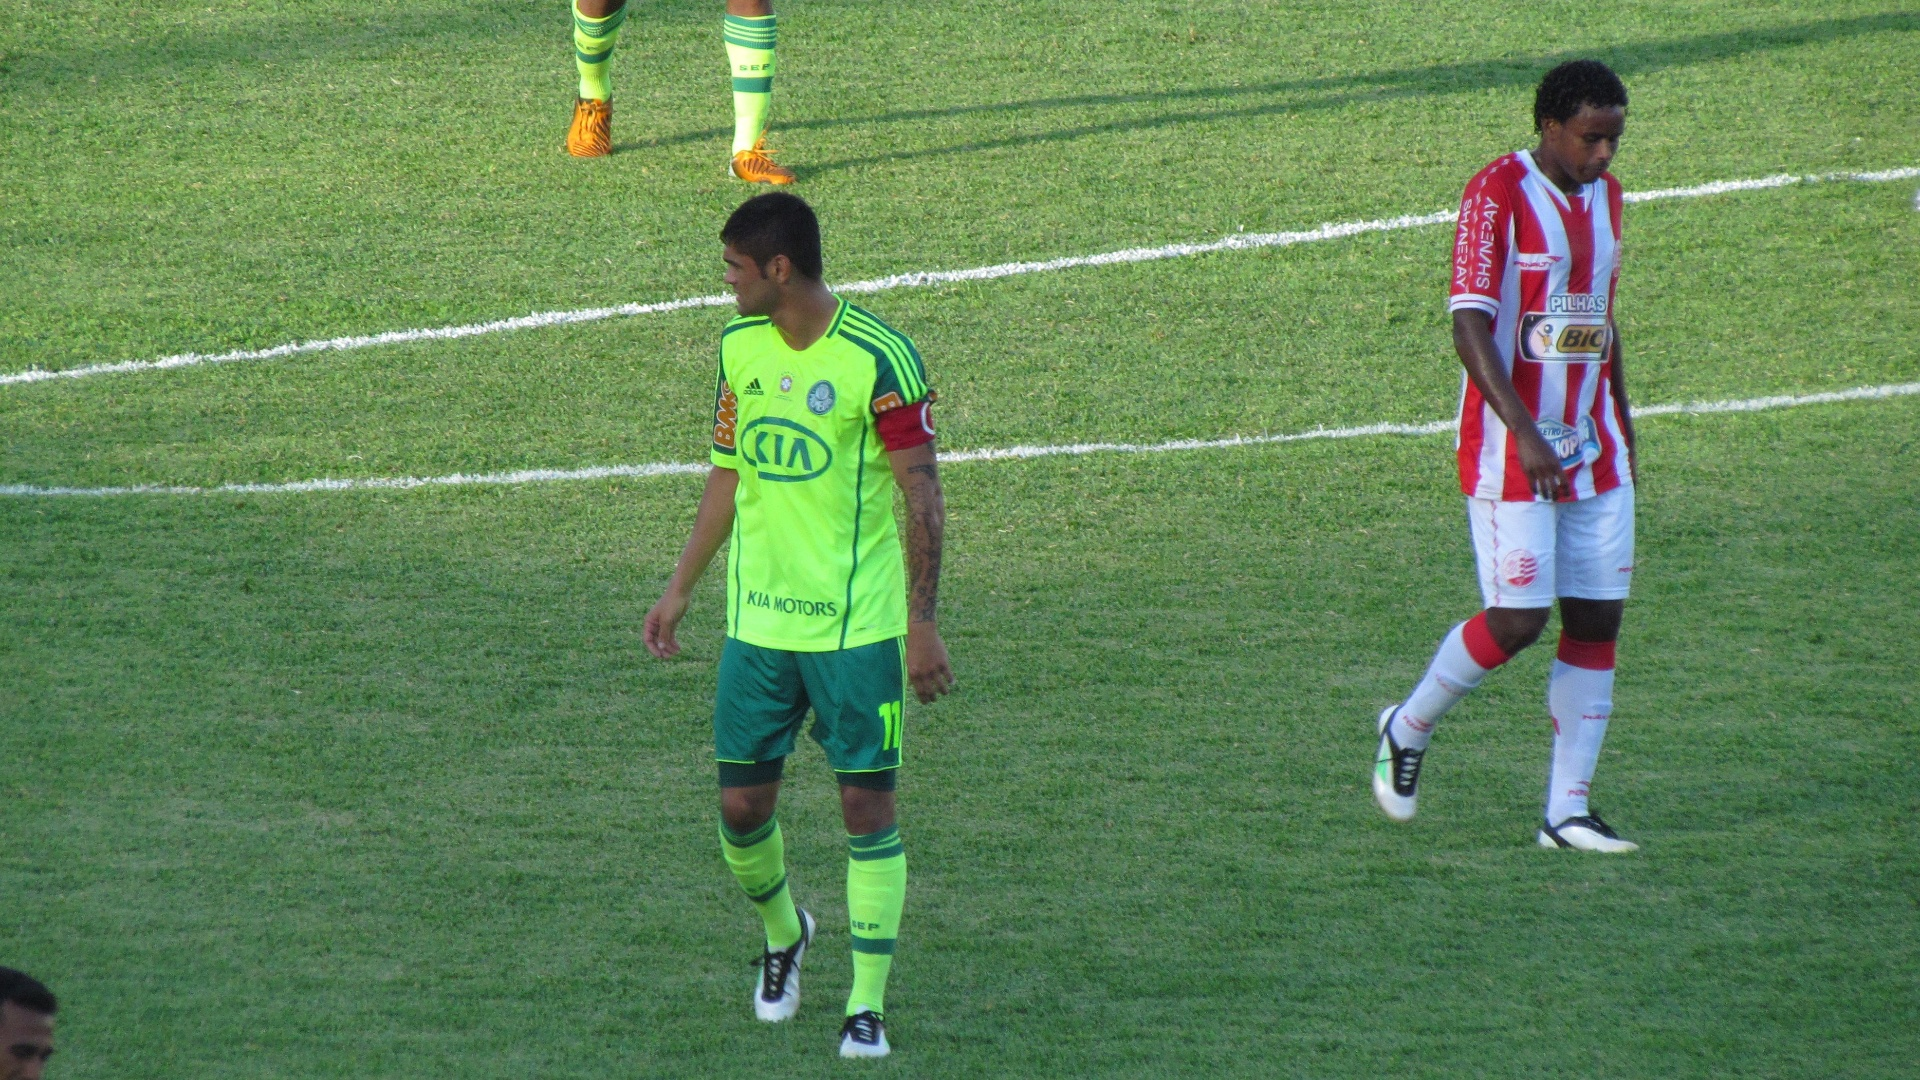 Luan orienta companheiros em jogo entre Palmeiras e Náutico nos Aflitos